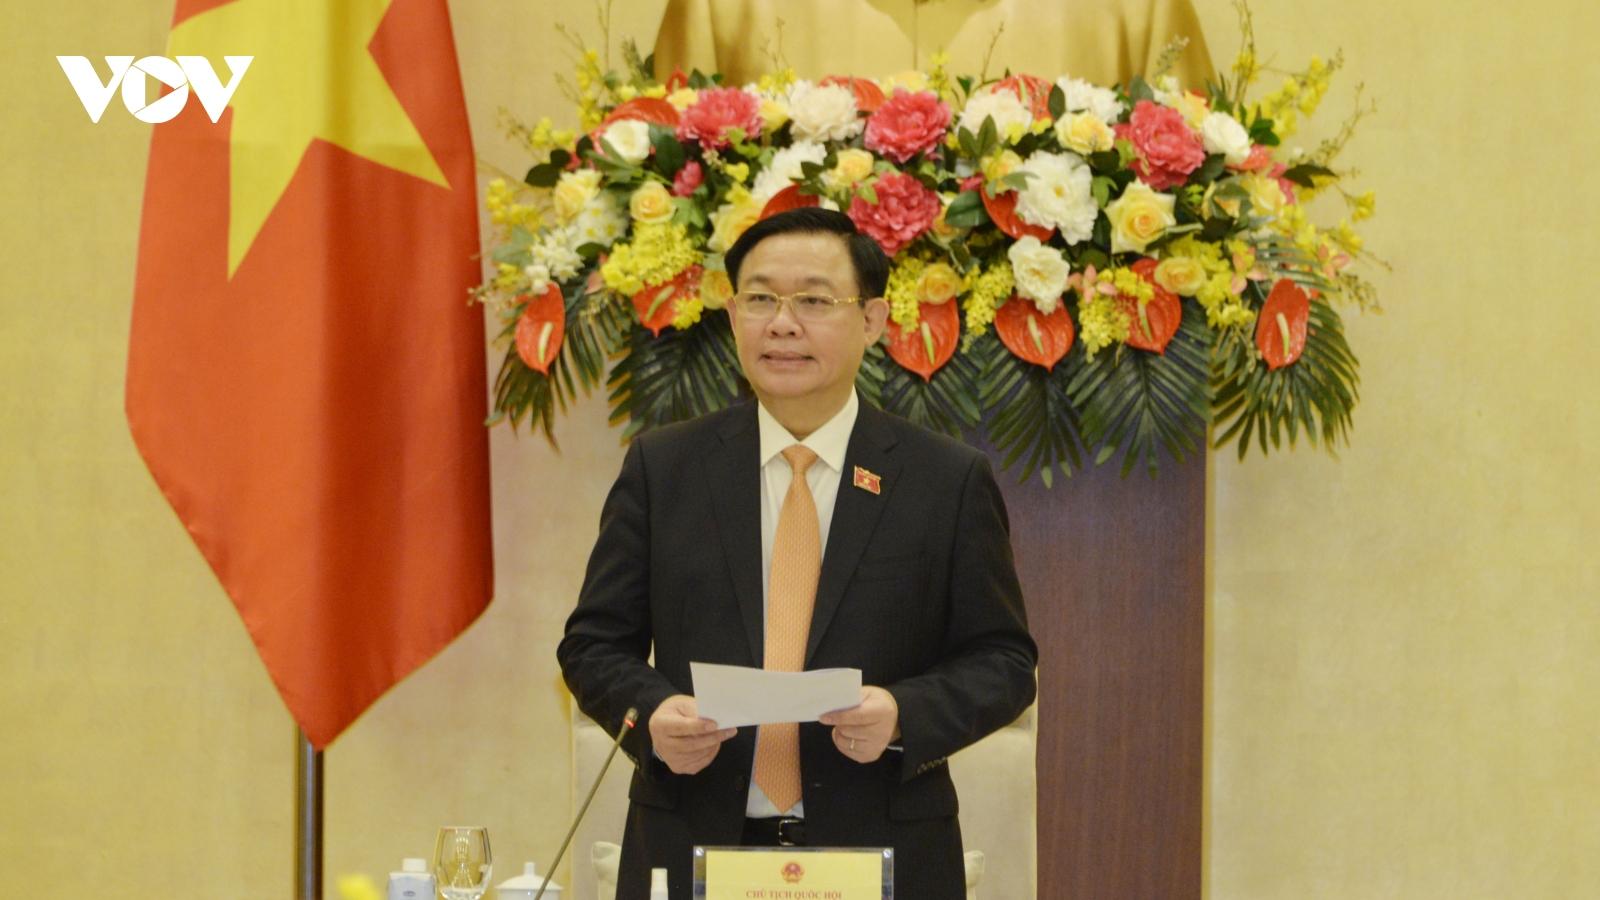 Chủ tịch Quốc hội làm việc với Tổ công tác thực hiện nghị quyết về phòng, chống Covid-19